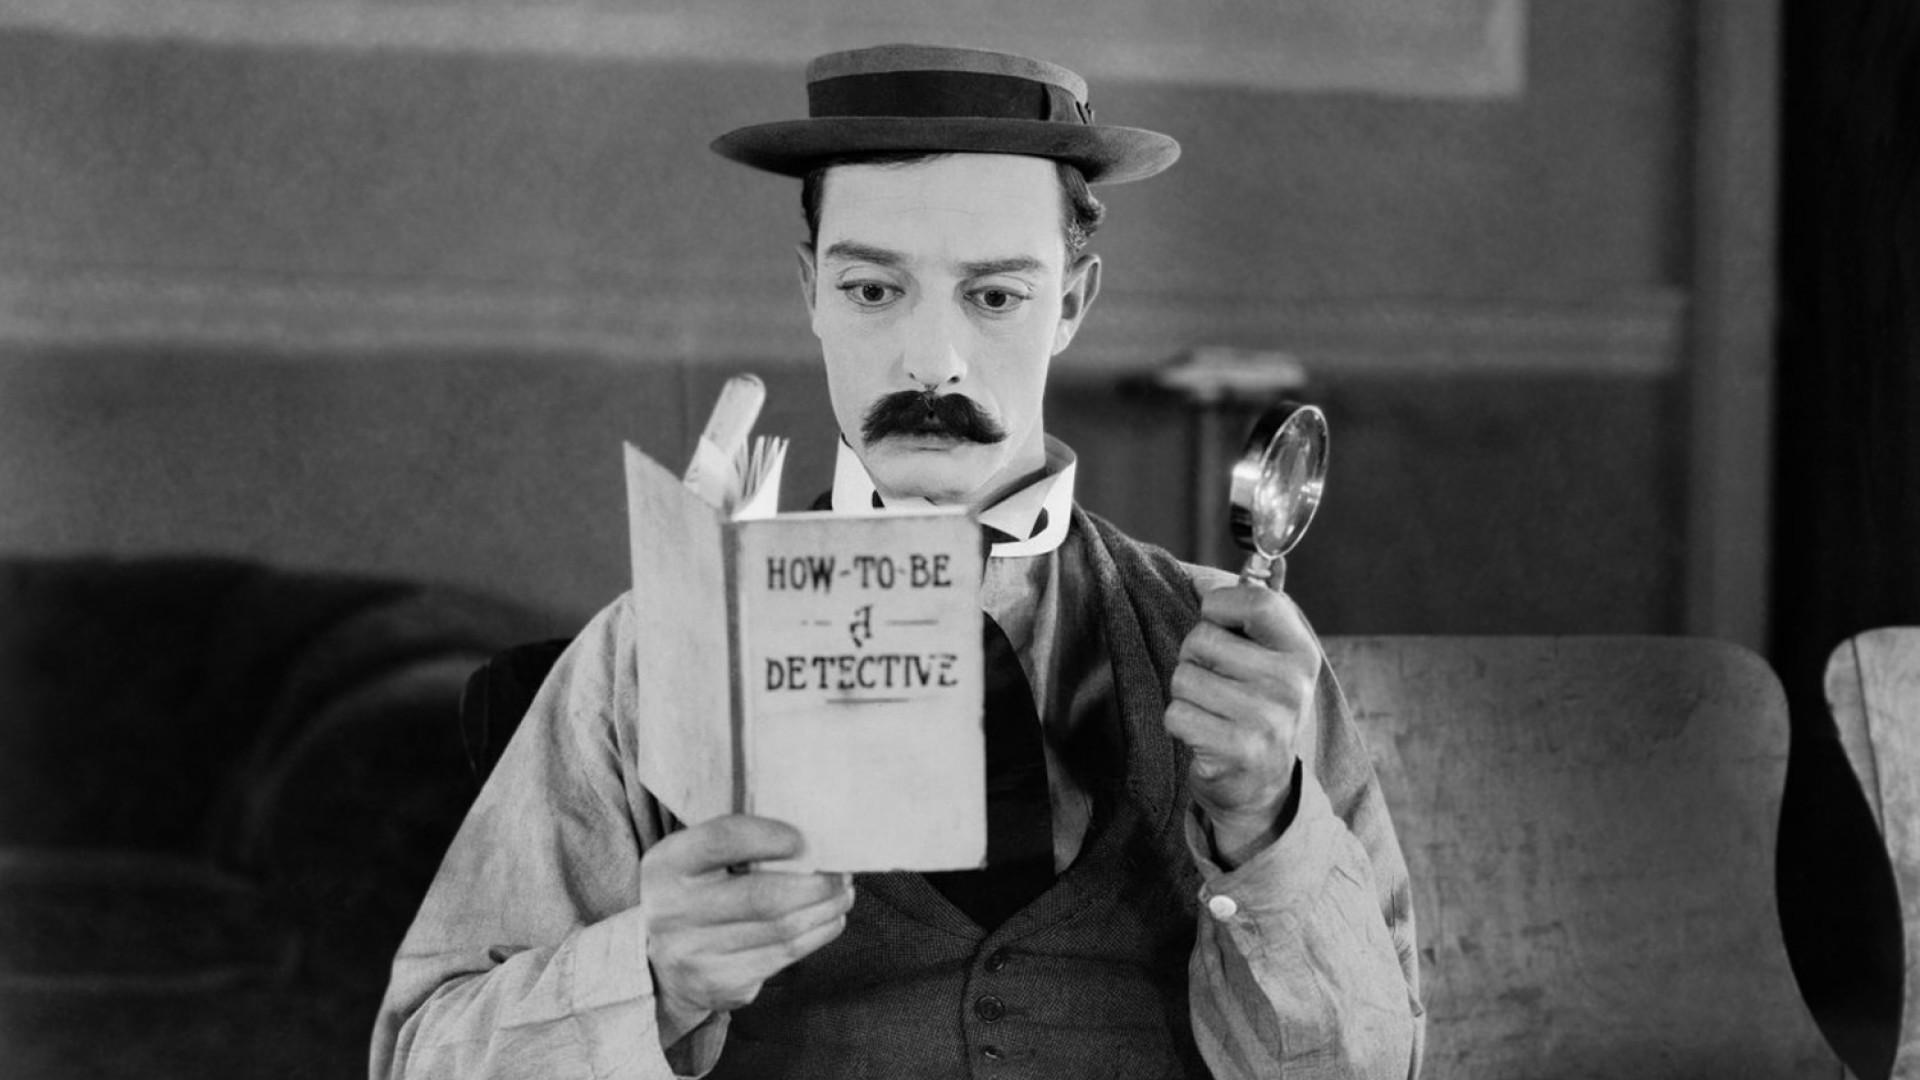 Dimarts d'impresdindibles: El moderno Sherlock Holmes